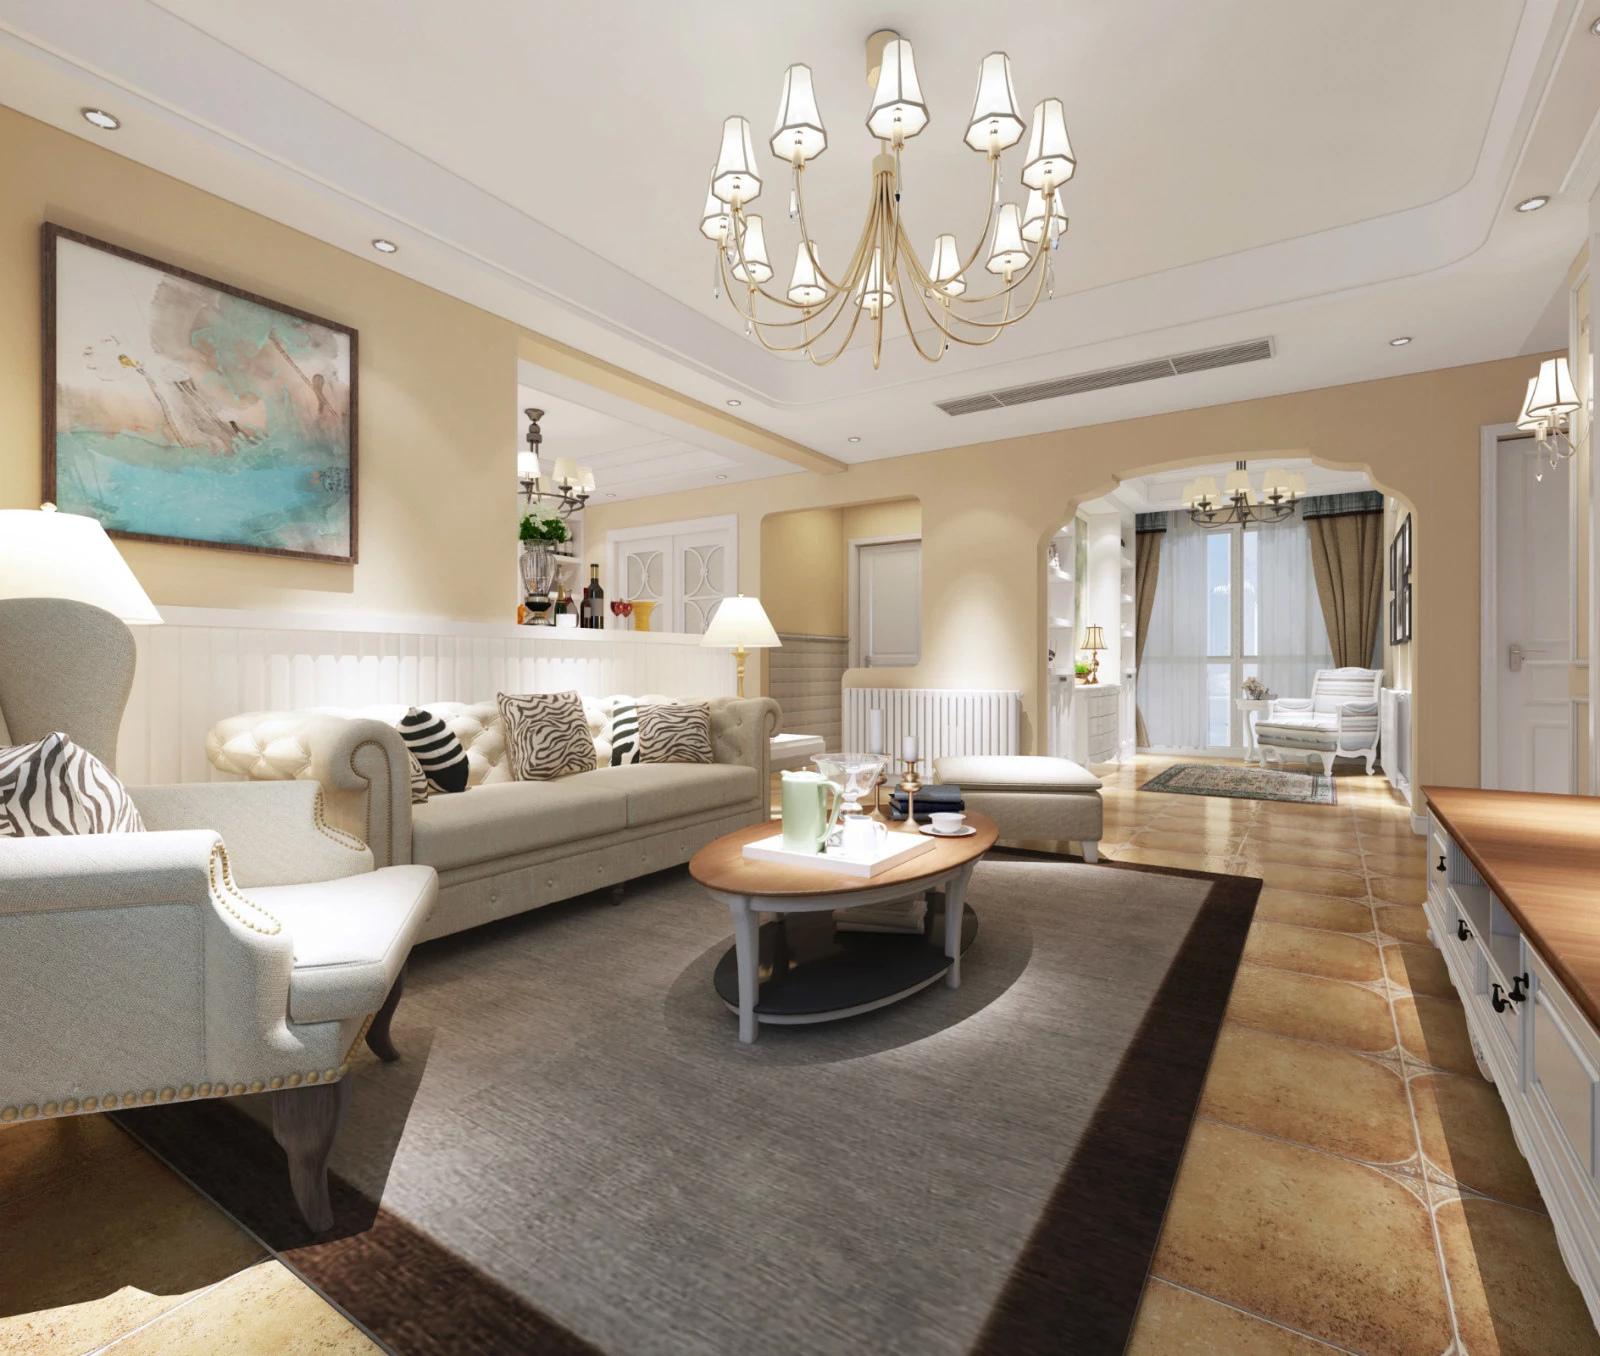 100㎡美式风格客厅装修效果图